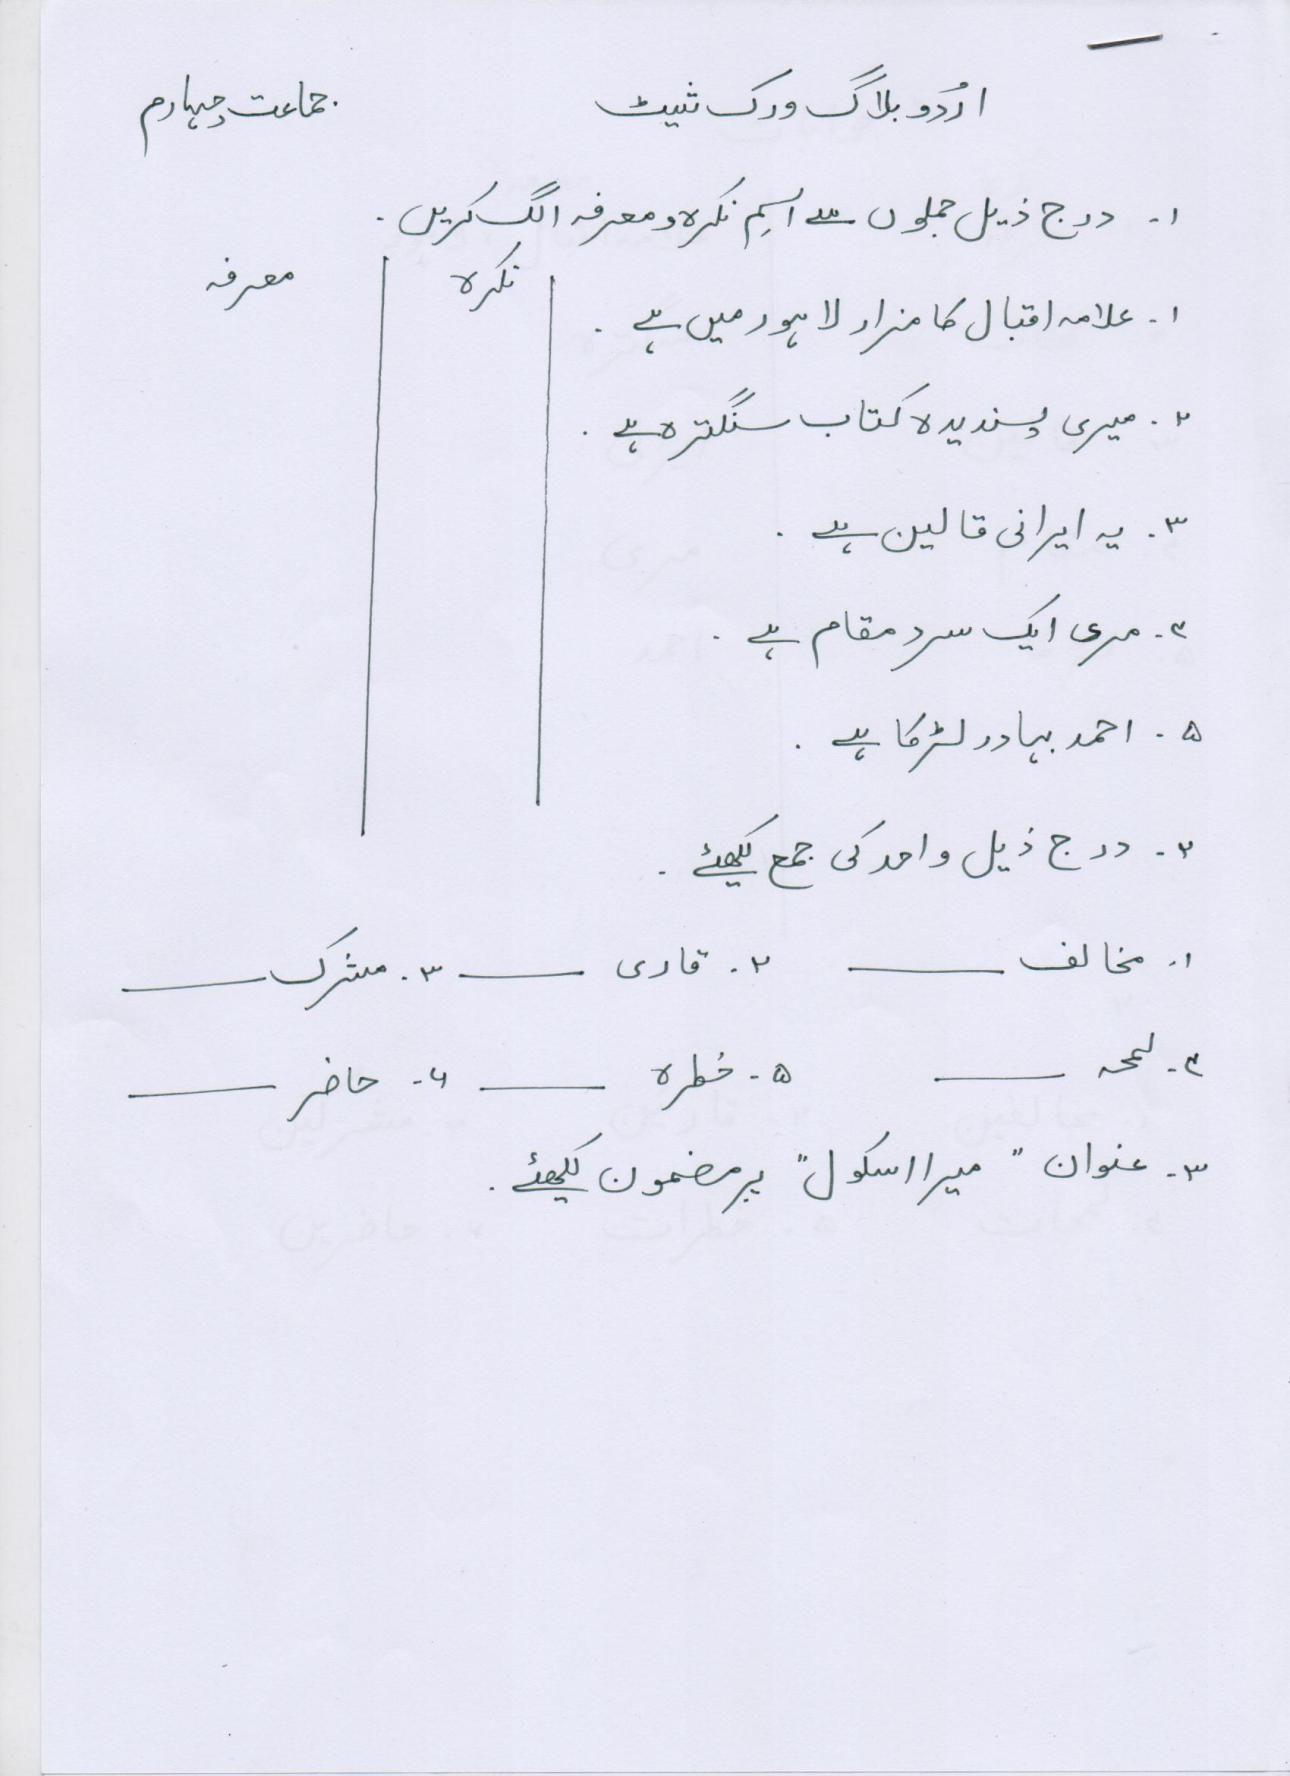 Urdu Blog Worksheet Class 4 20 01 17 Super Teacher Worksheets 2nd Grade Reading Worksheets Worksheets [ 1776 x 1290 Pixel ]